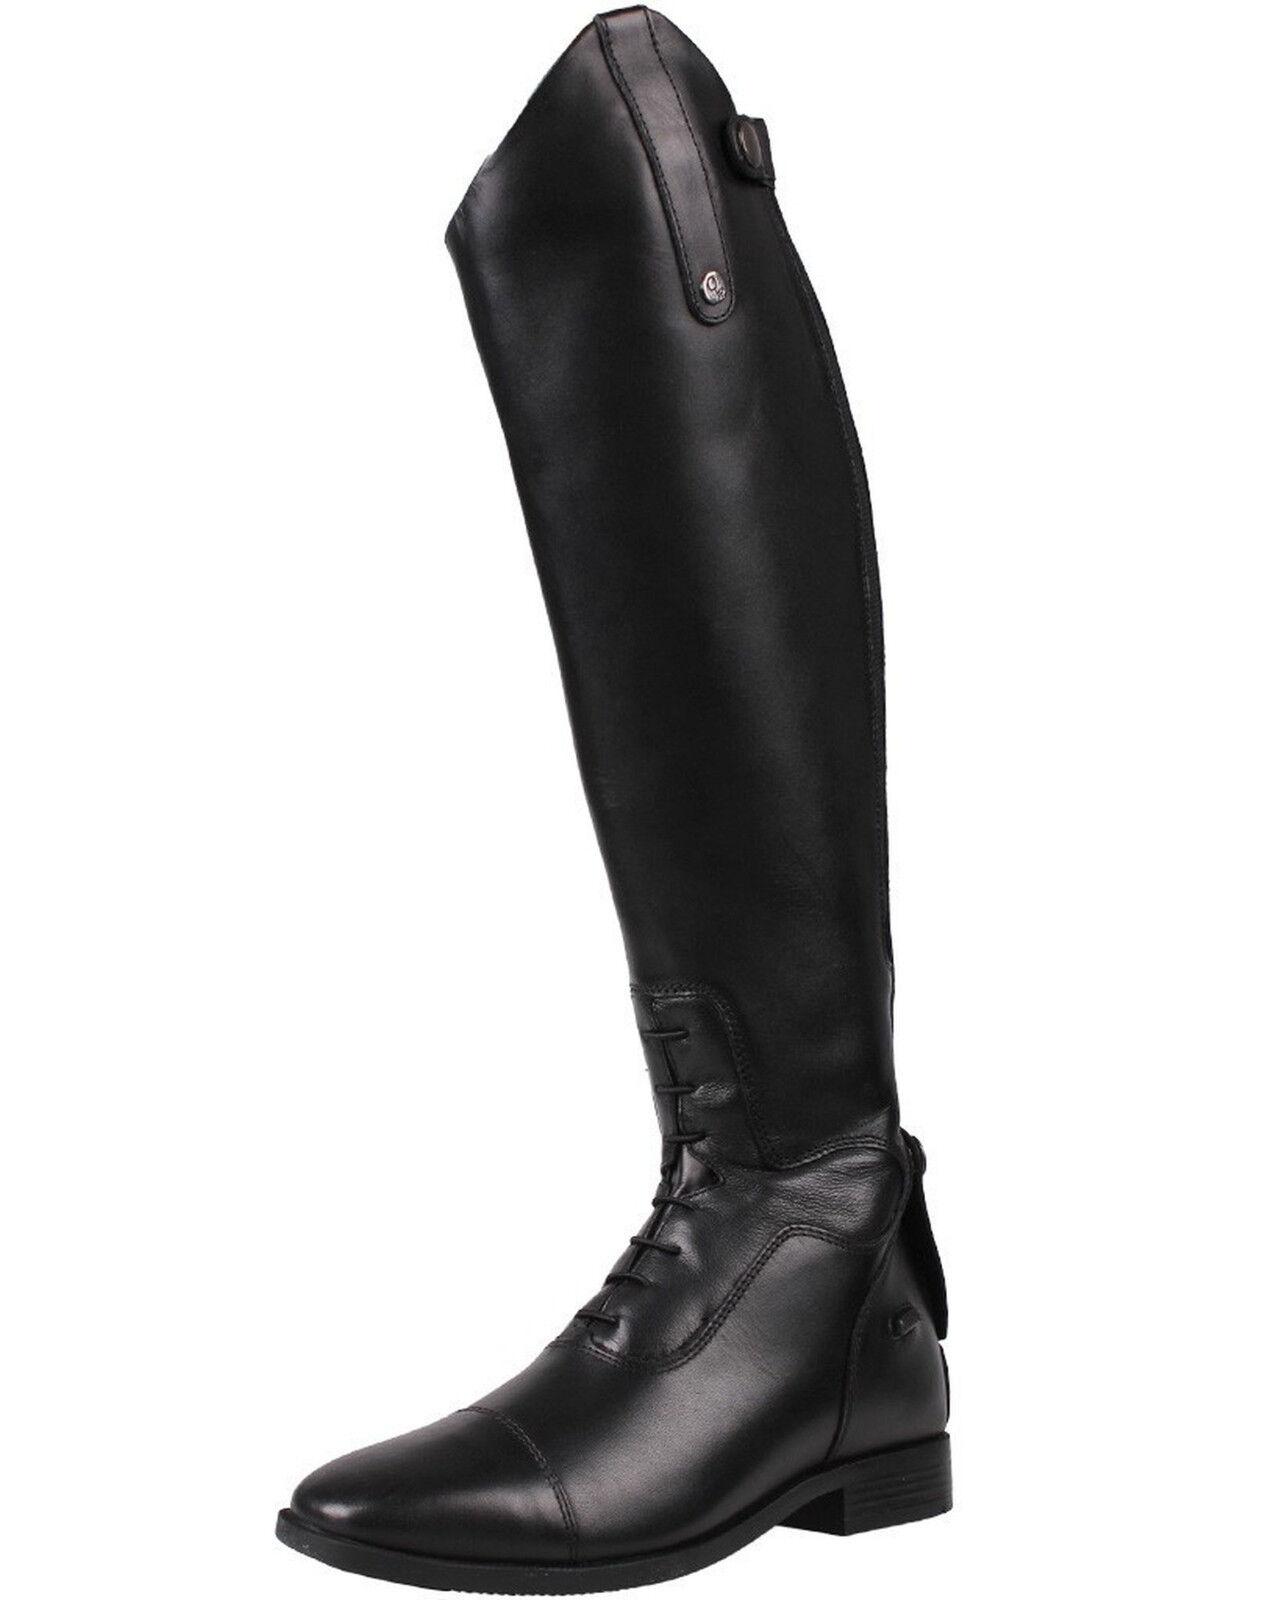 Qhp señora de lujo cuero-reitbotas Verena con más comodidad tamaño 36 - 42 negro